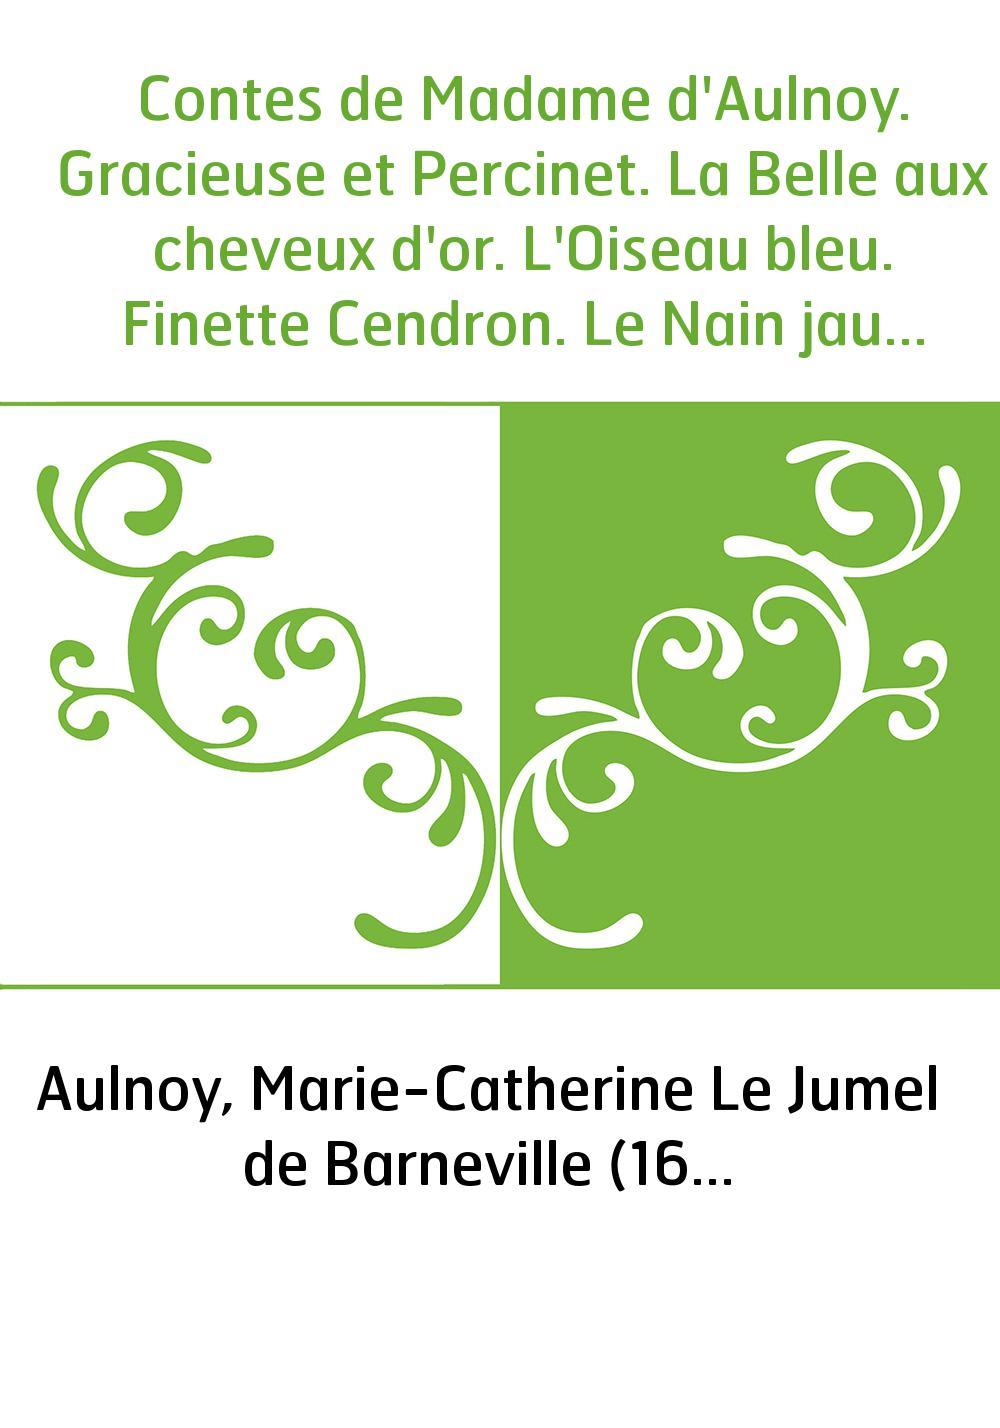 Contes de Madame d'Aulnoy. Gracieuse et Percinet. La Belle aux cheveux d'or. L'Oiseau bleu. Finette Cendron. Le Nain jaune. La B